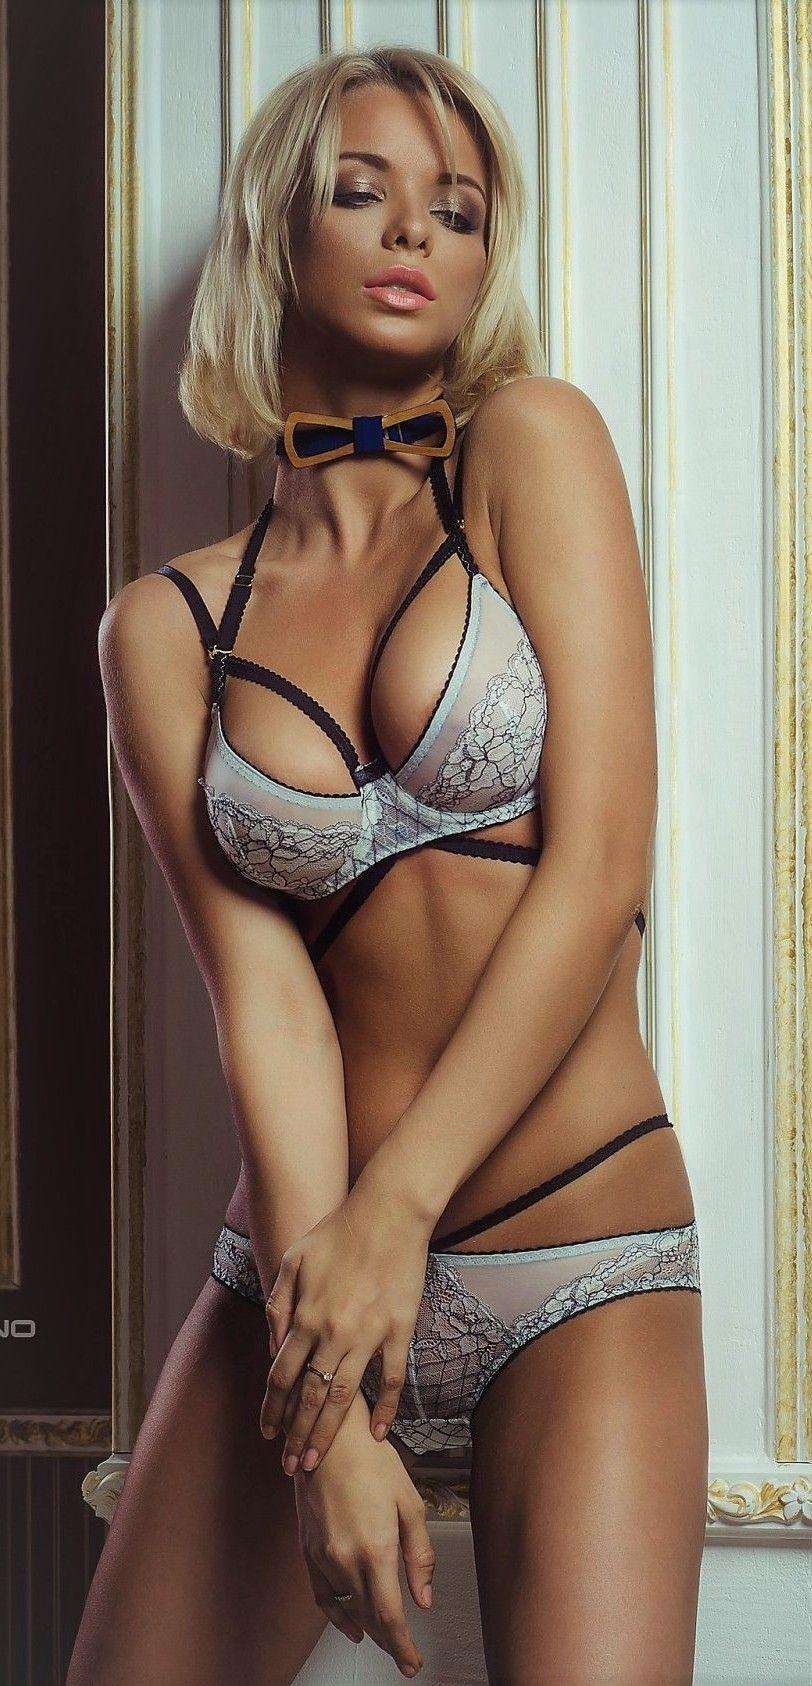 Hot petit women